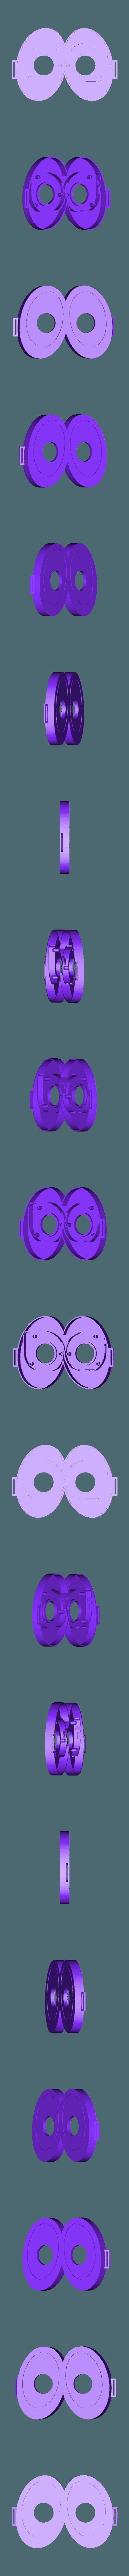 cappy_case.stl Télécharger fichier STL gratuit Mario Cappy Chapeau Animated Eyes Animated Eyes • Objet imprimable en 3D, Adafruit